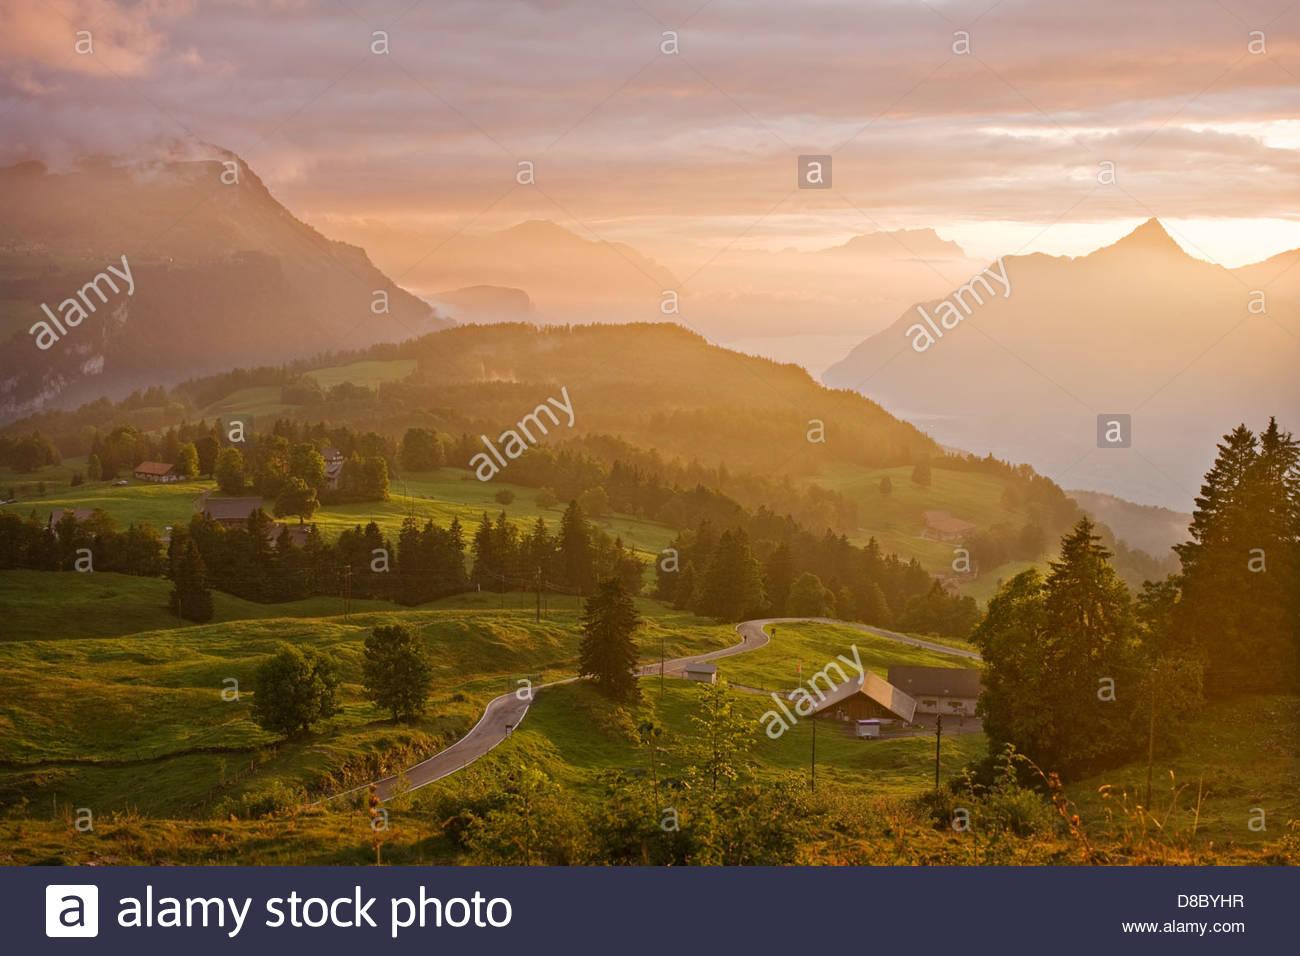 Árbol en un bosque con una cordillera en el fondo, Schwyz, Suiza Foto de stock